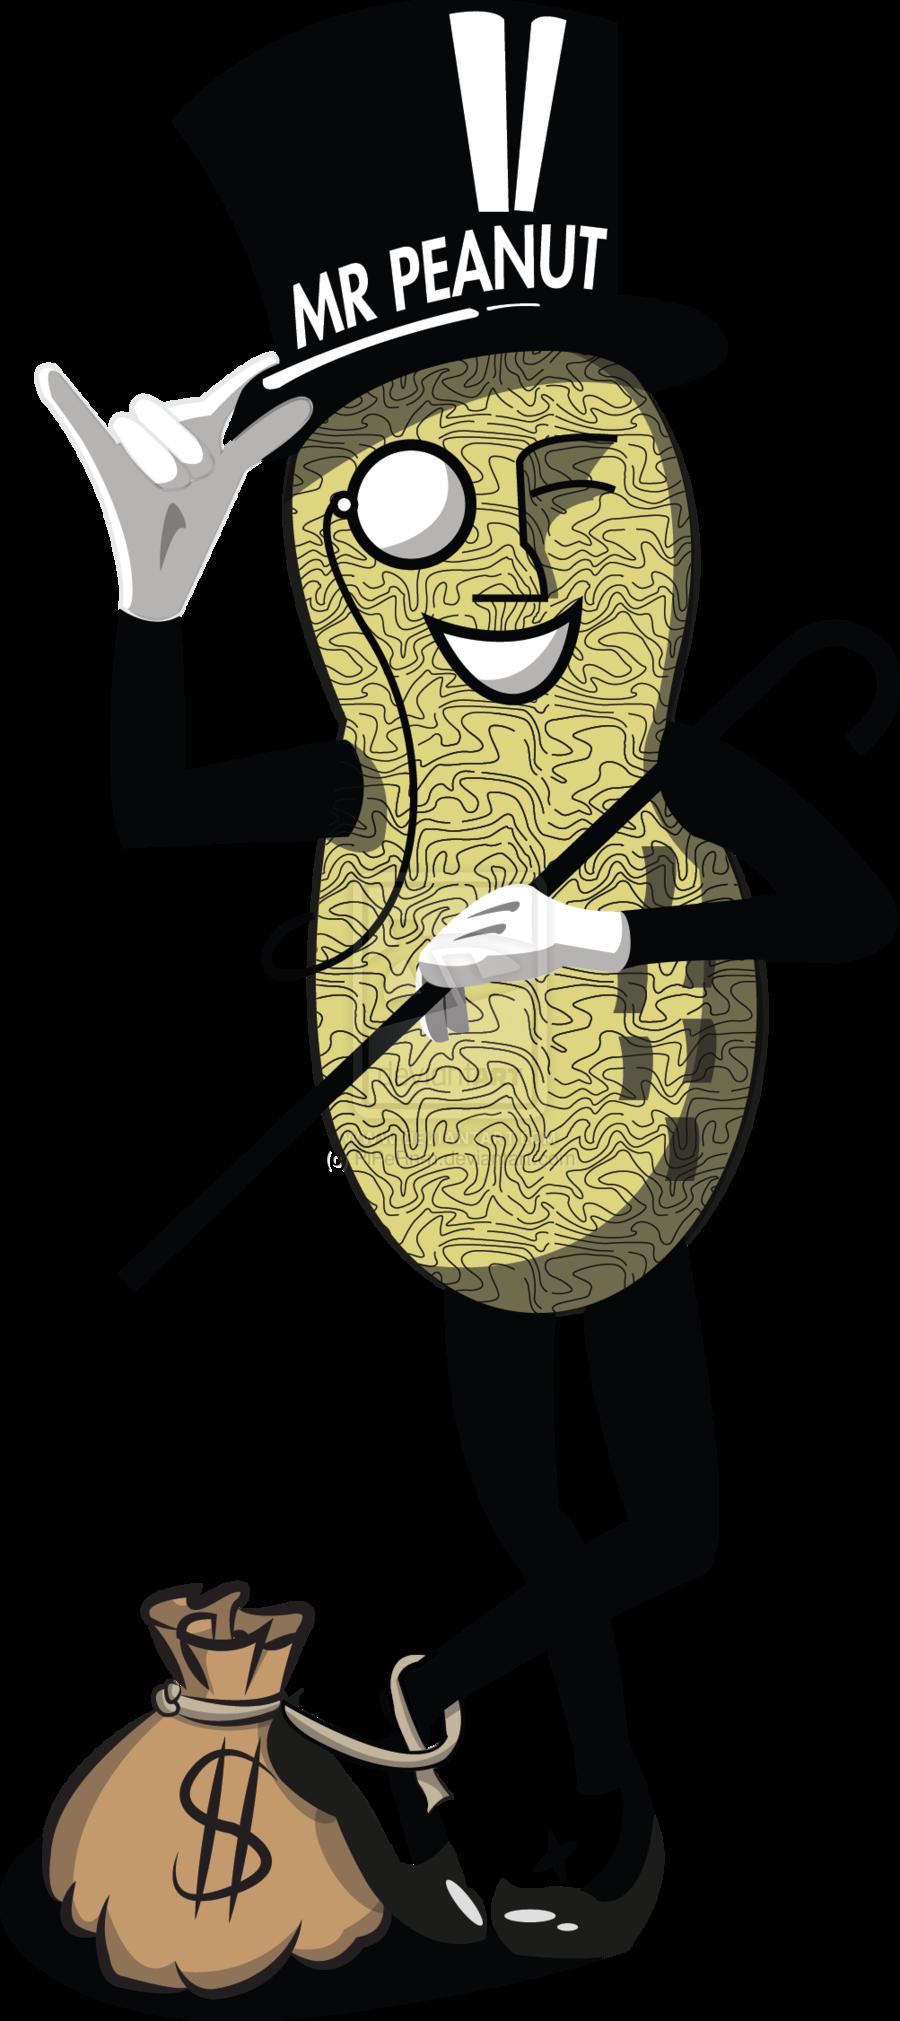 Peanuts clipart food. Peanut jokingart com